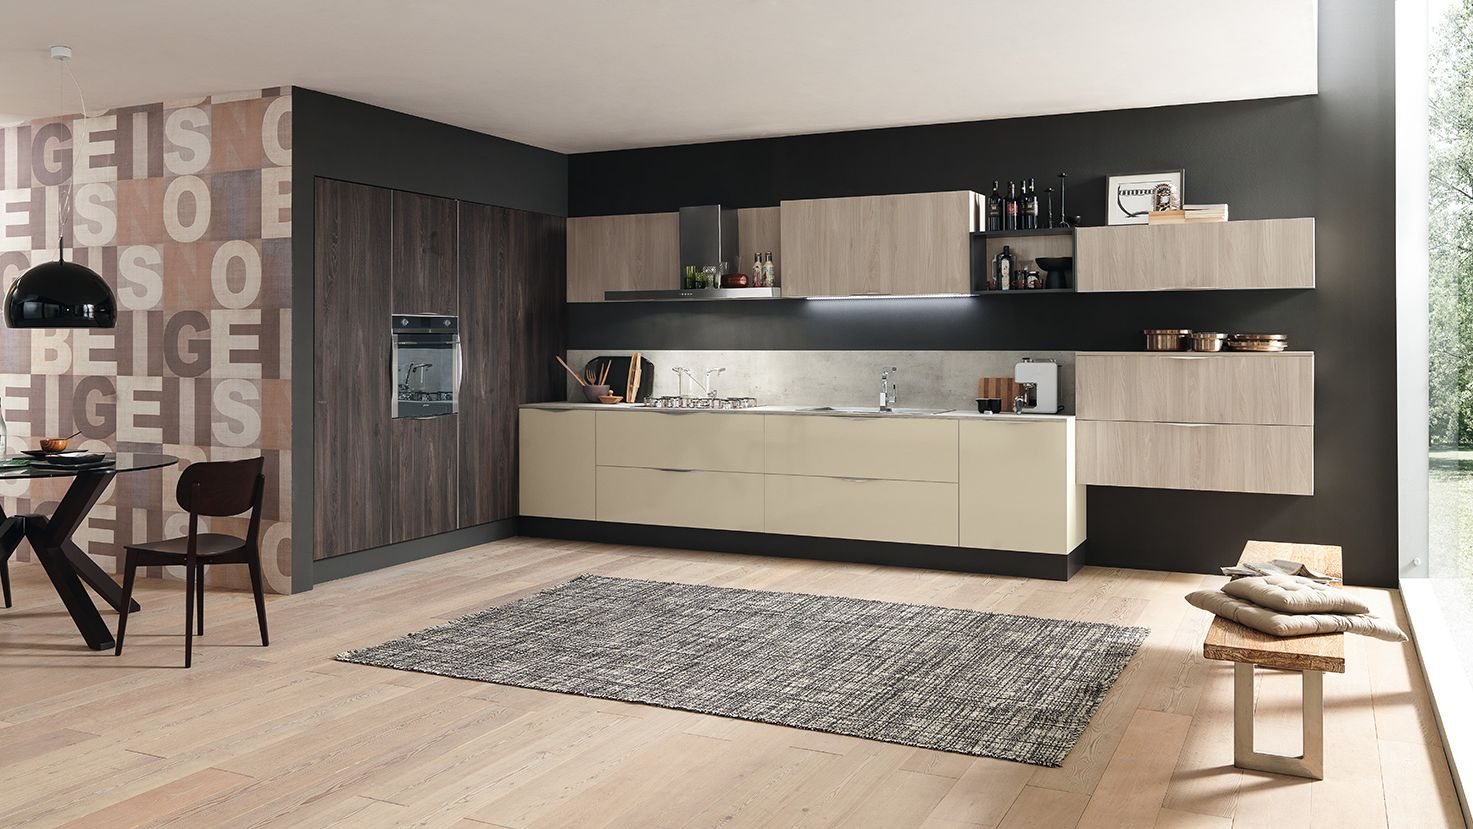 Cucina Moderna Febal.Mobili E Arredamento Cucina Febal Casa